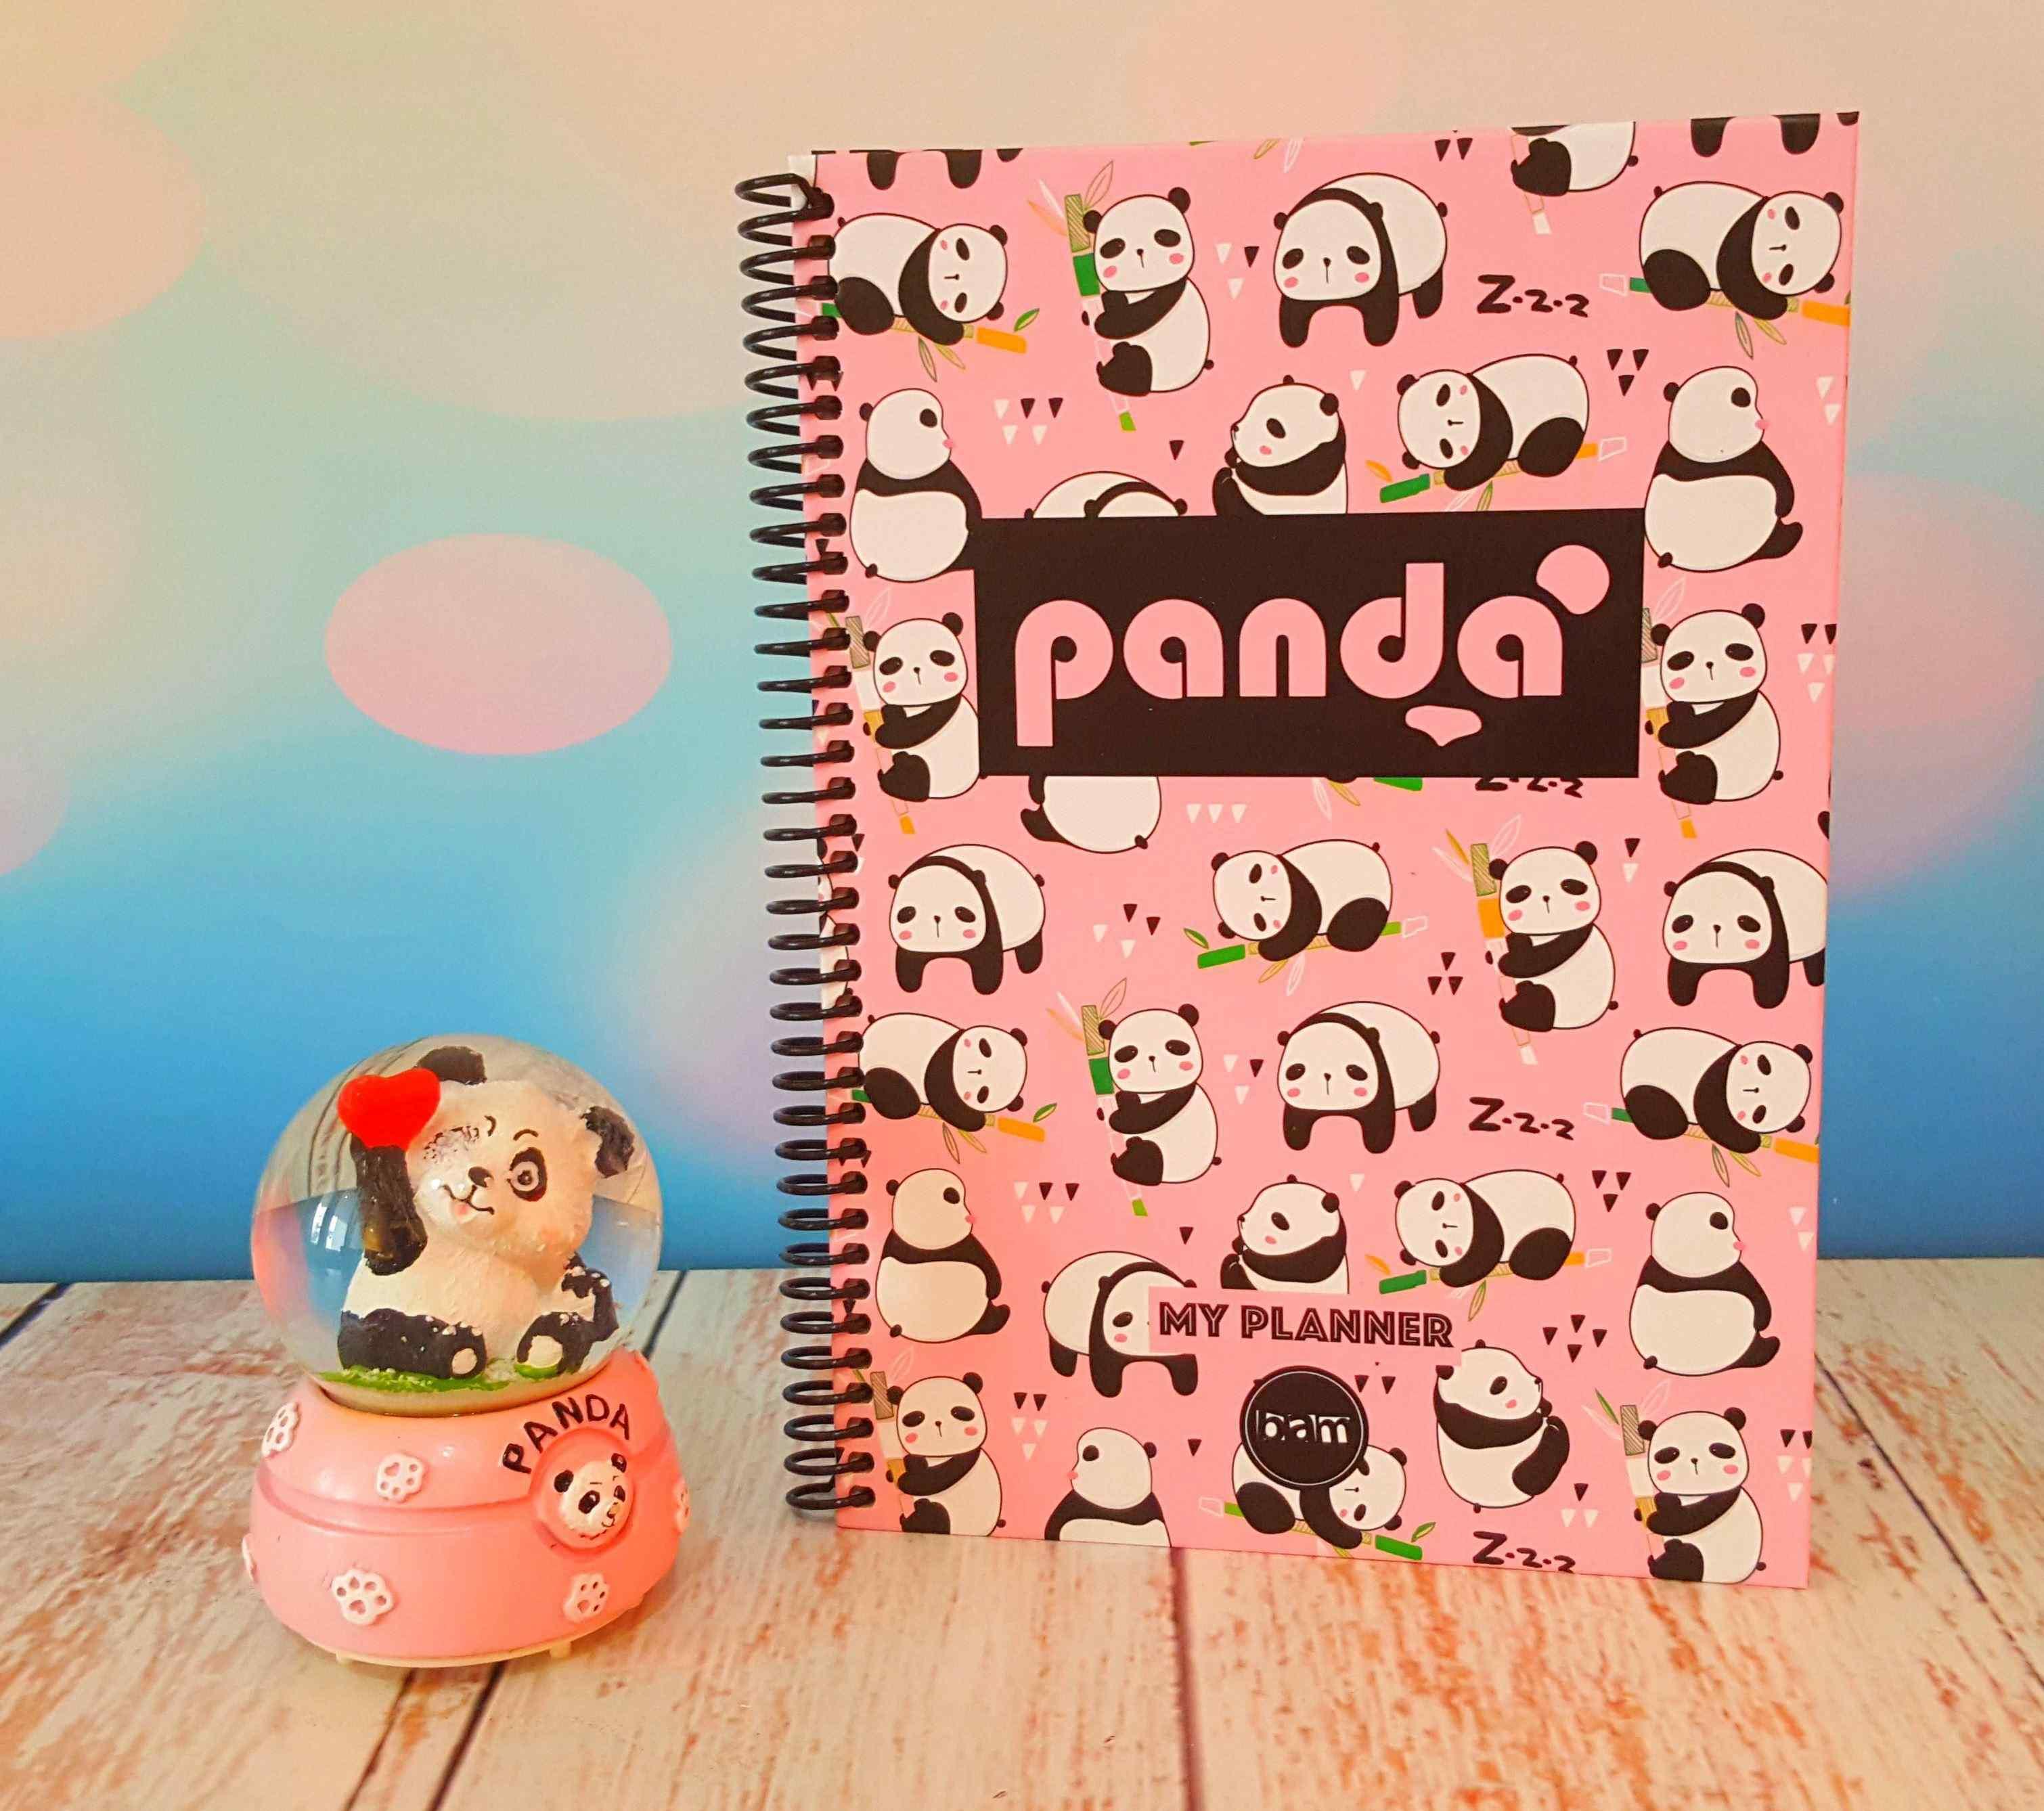 Panda Tarihsiz Haftalık Planlayıcı ve Sevimli Panda Müzikli Dönen Kar Küresi